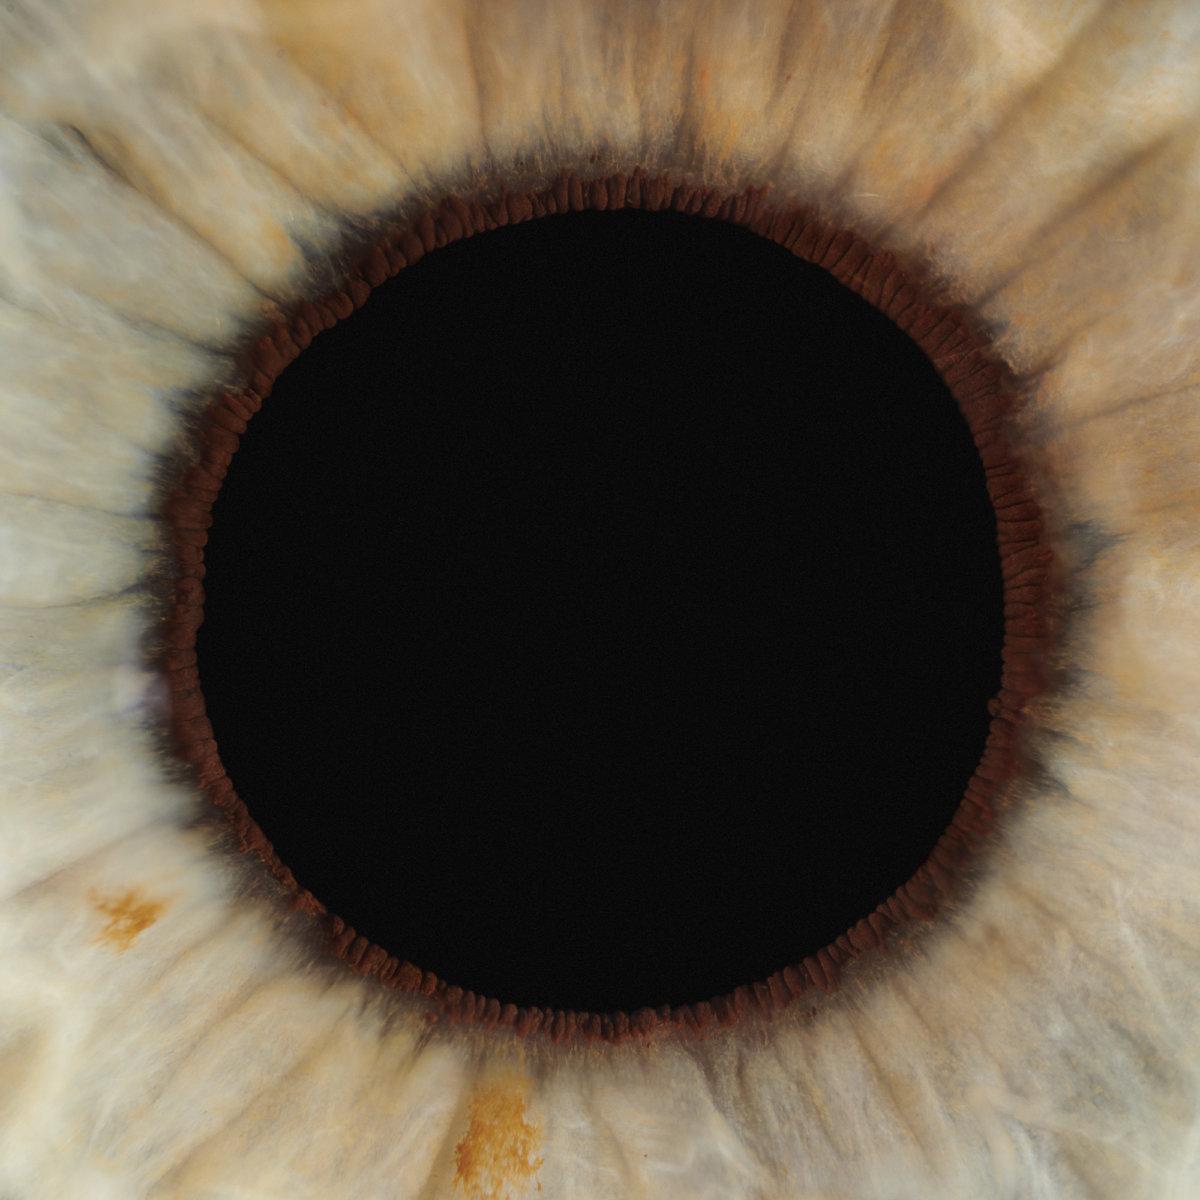 Pupils by Levon Biss. - CRXSS